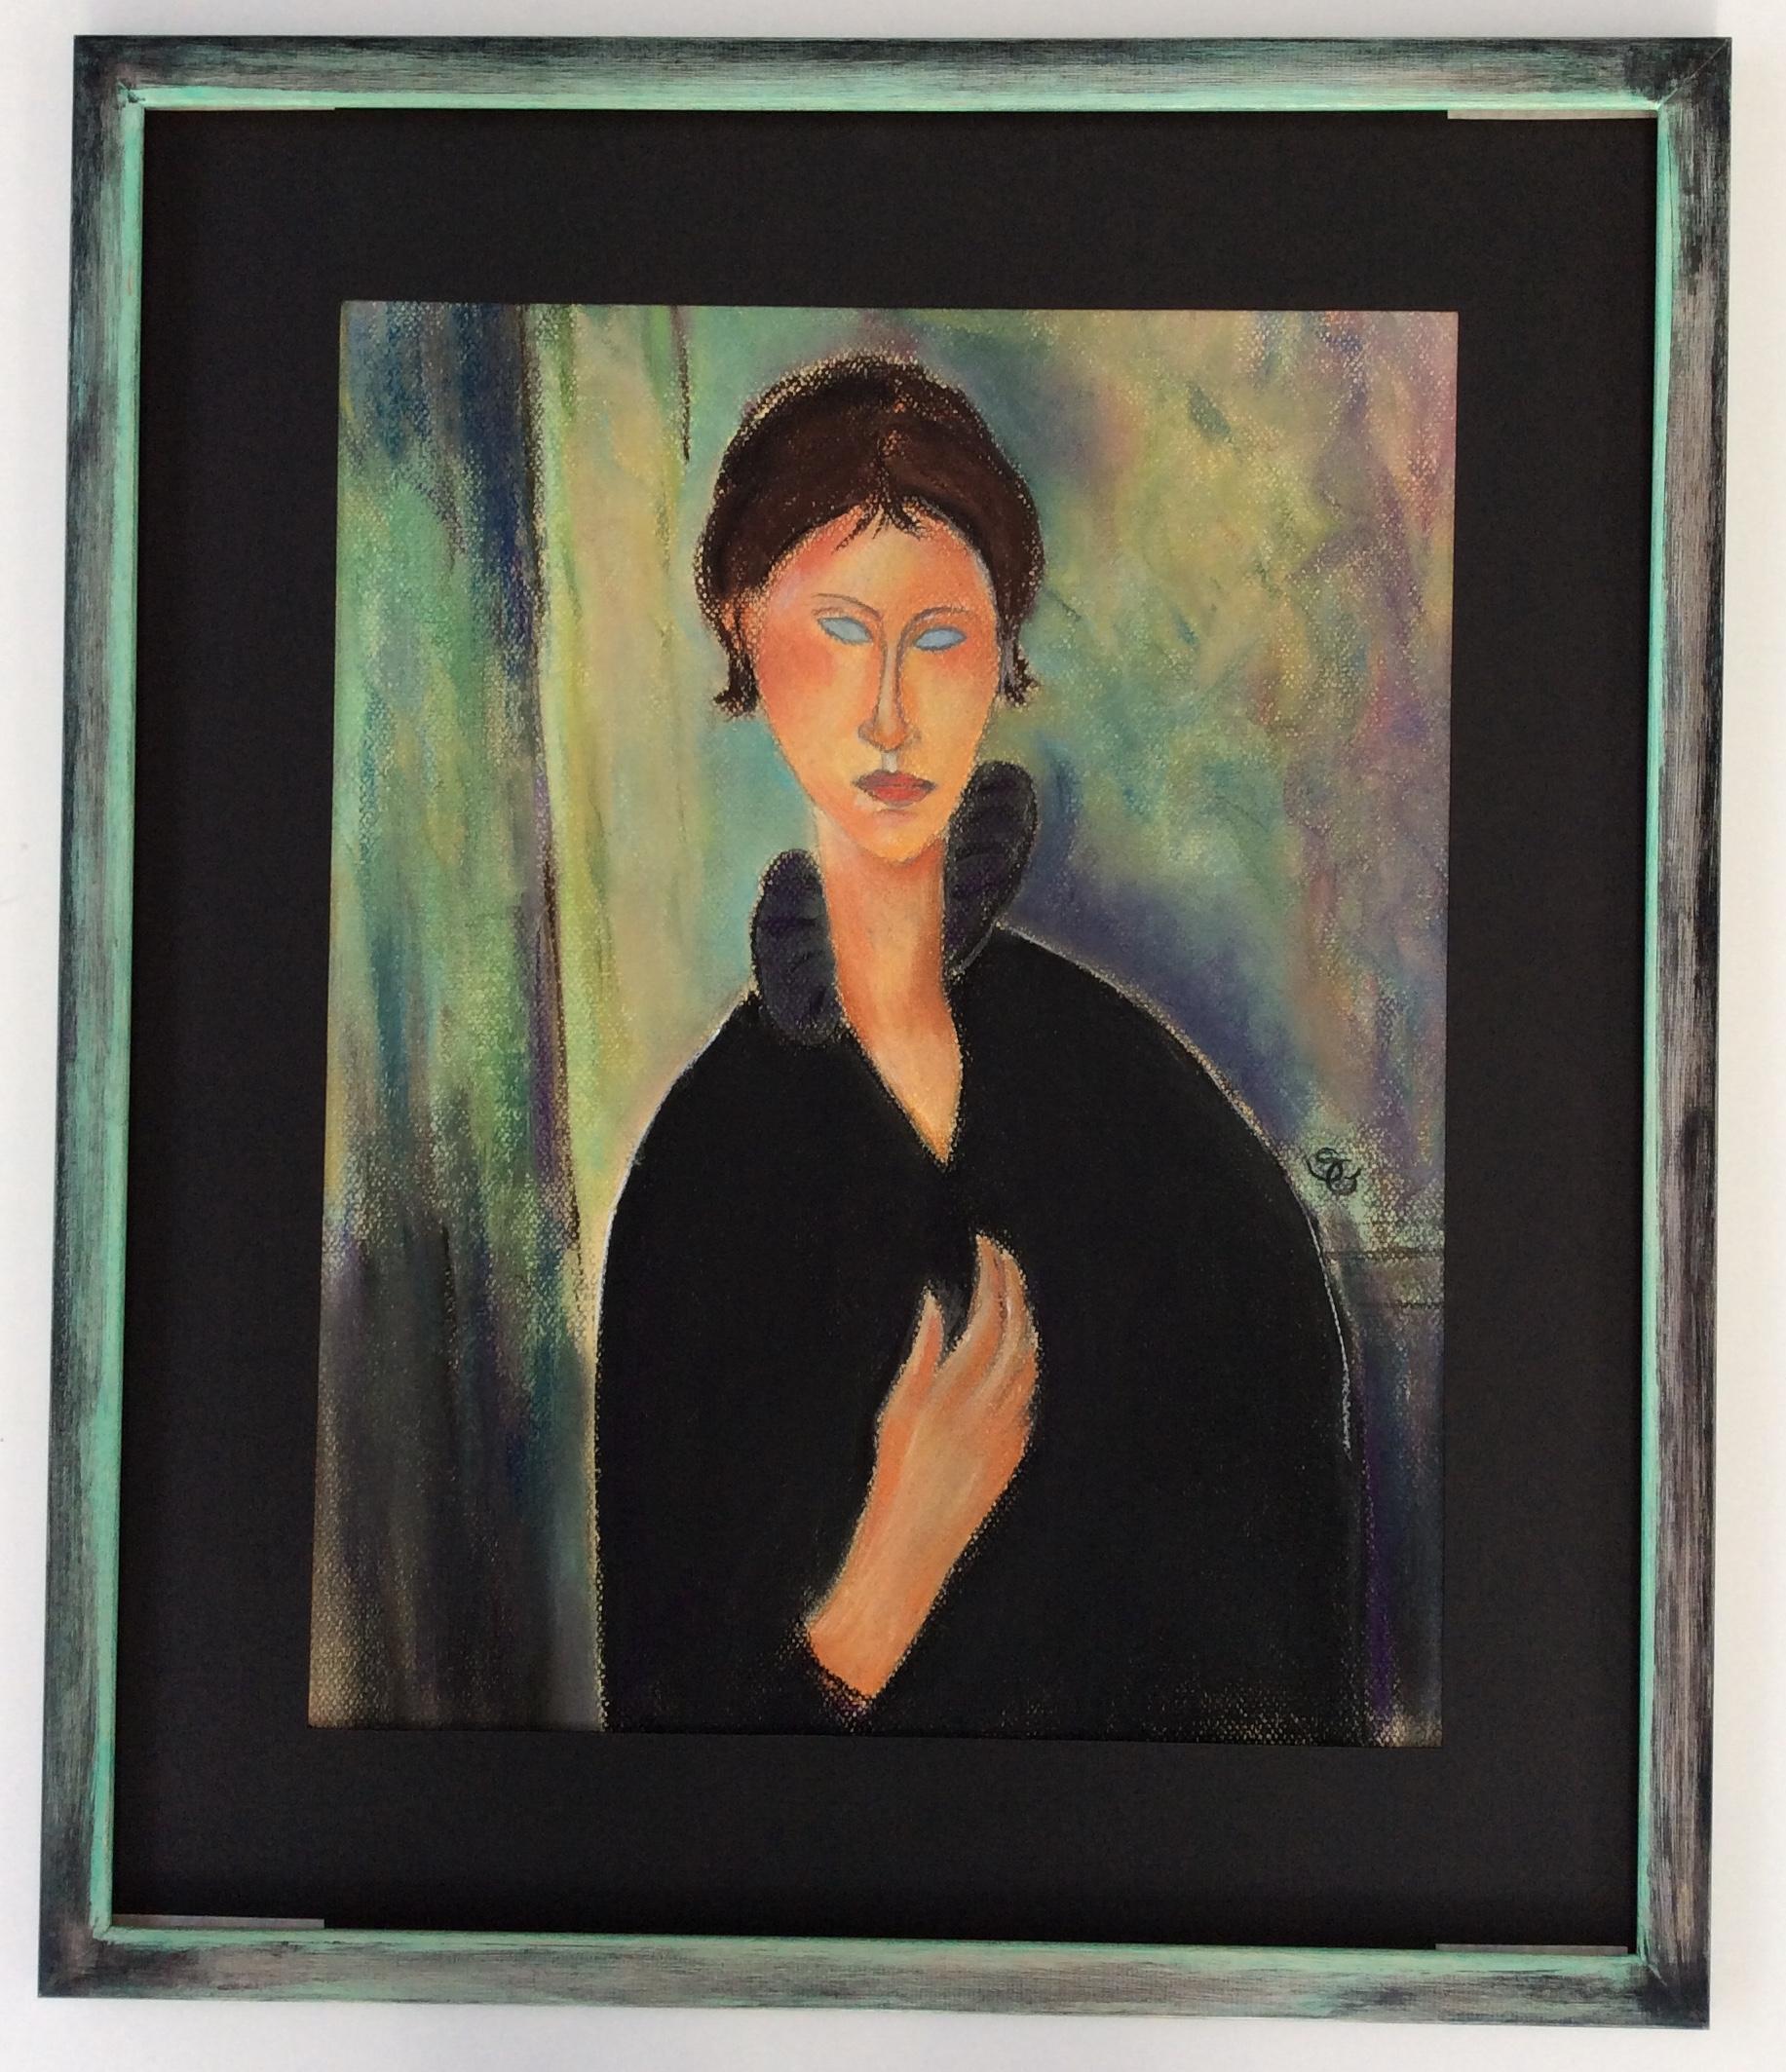 Copie -Femme aux yeux bleus - MODIGLIANI - VENDU 430€ encadré